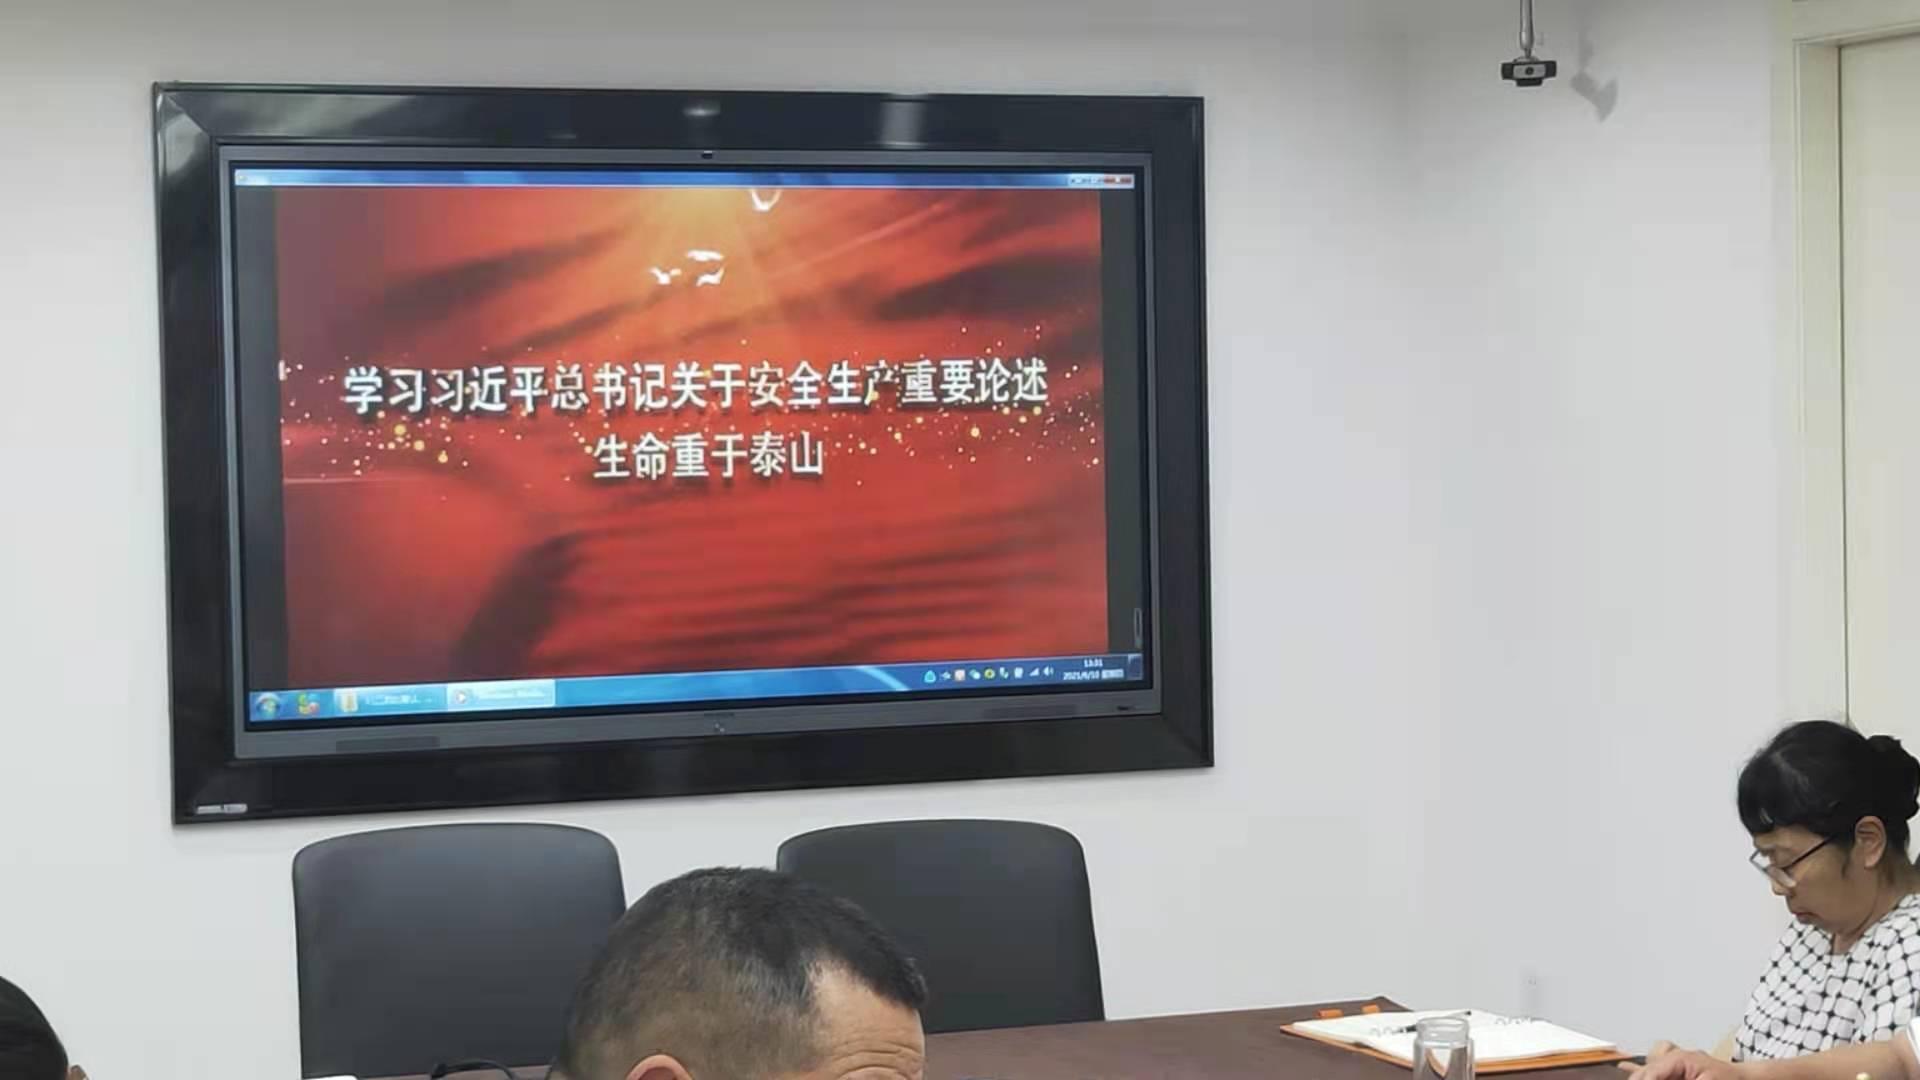 岸基人员深入学习习近平总书记关于安全生产的重要论述